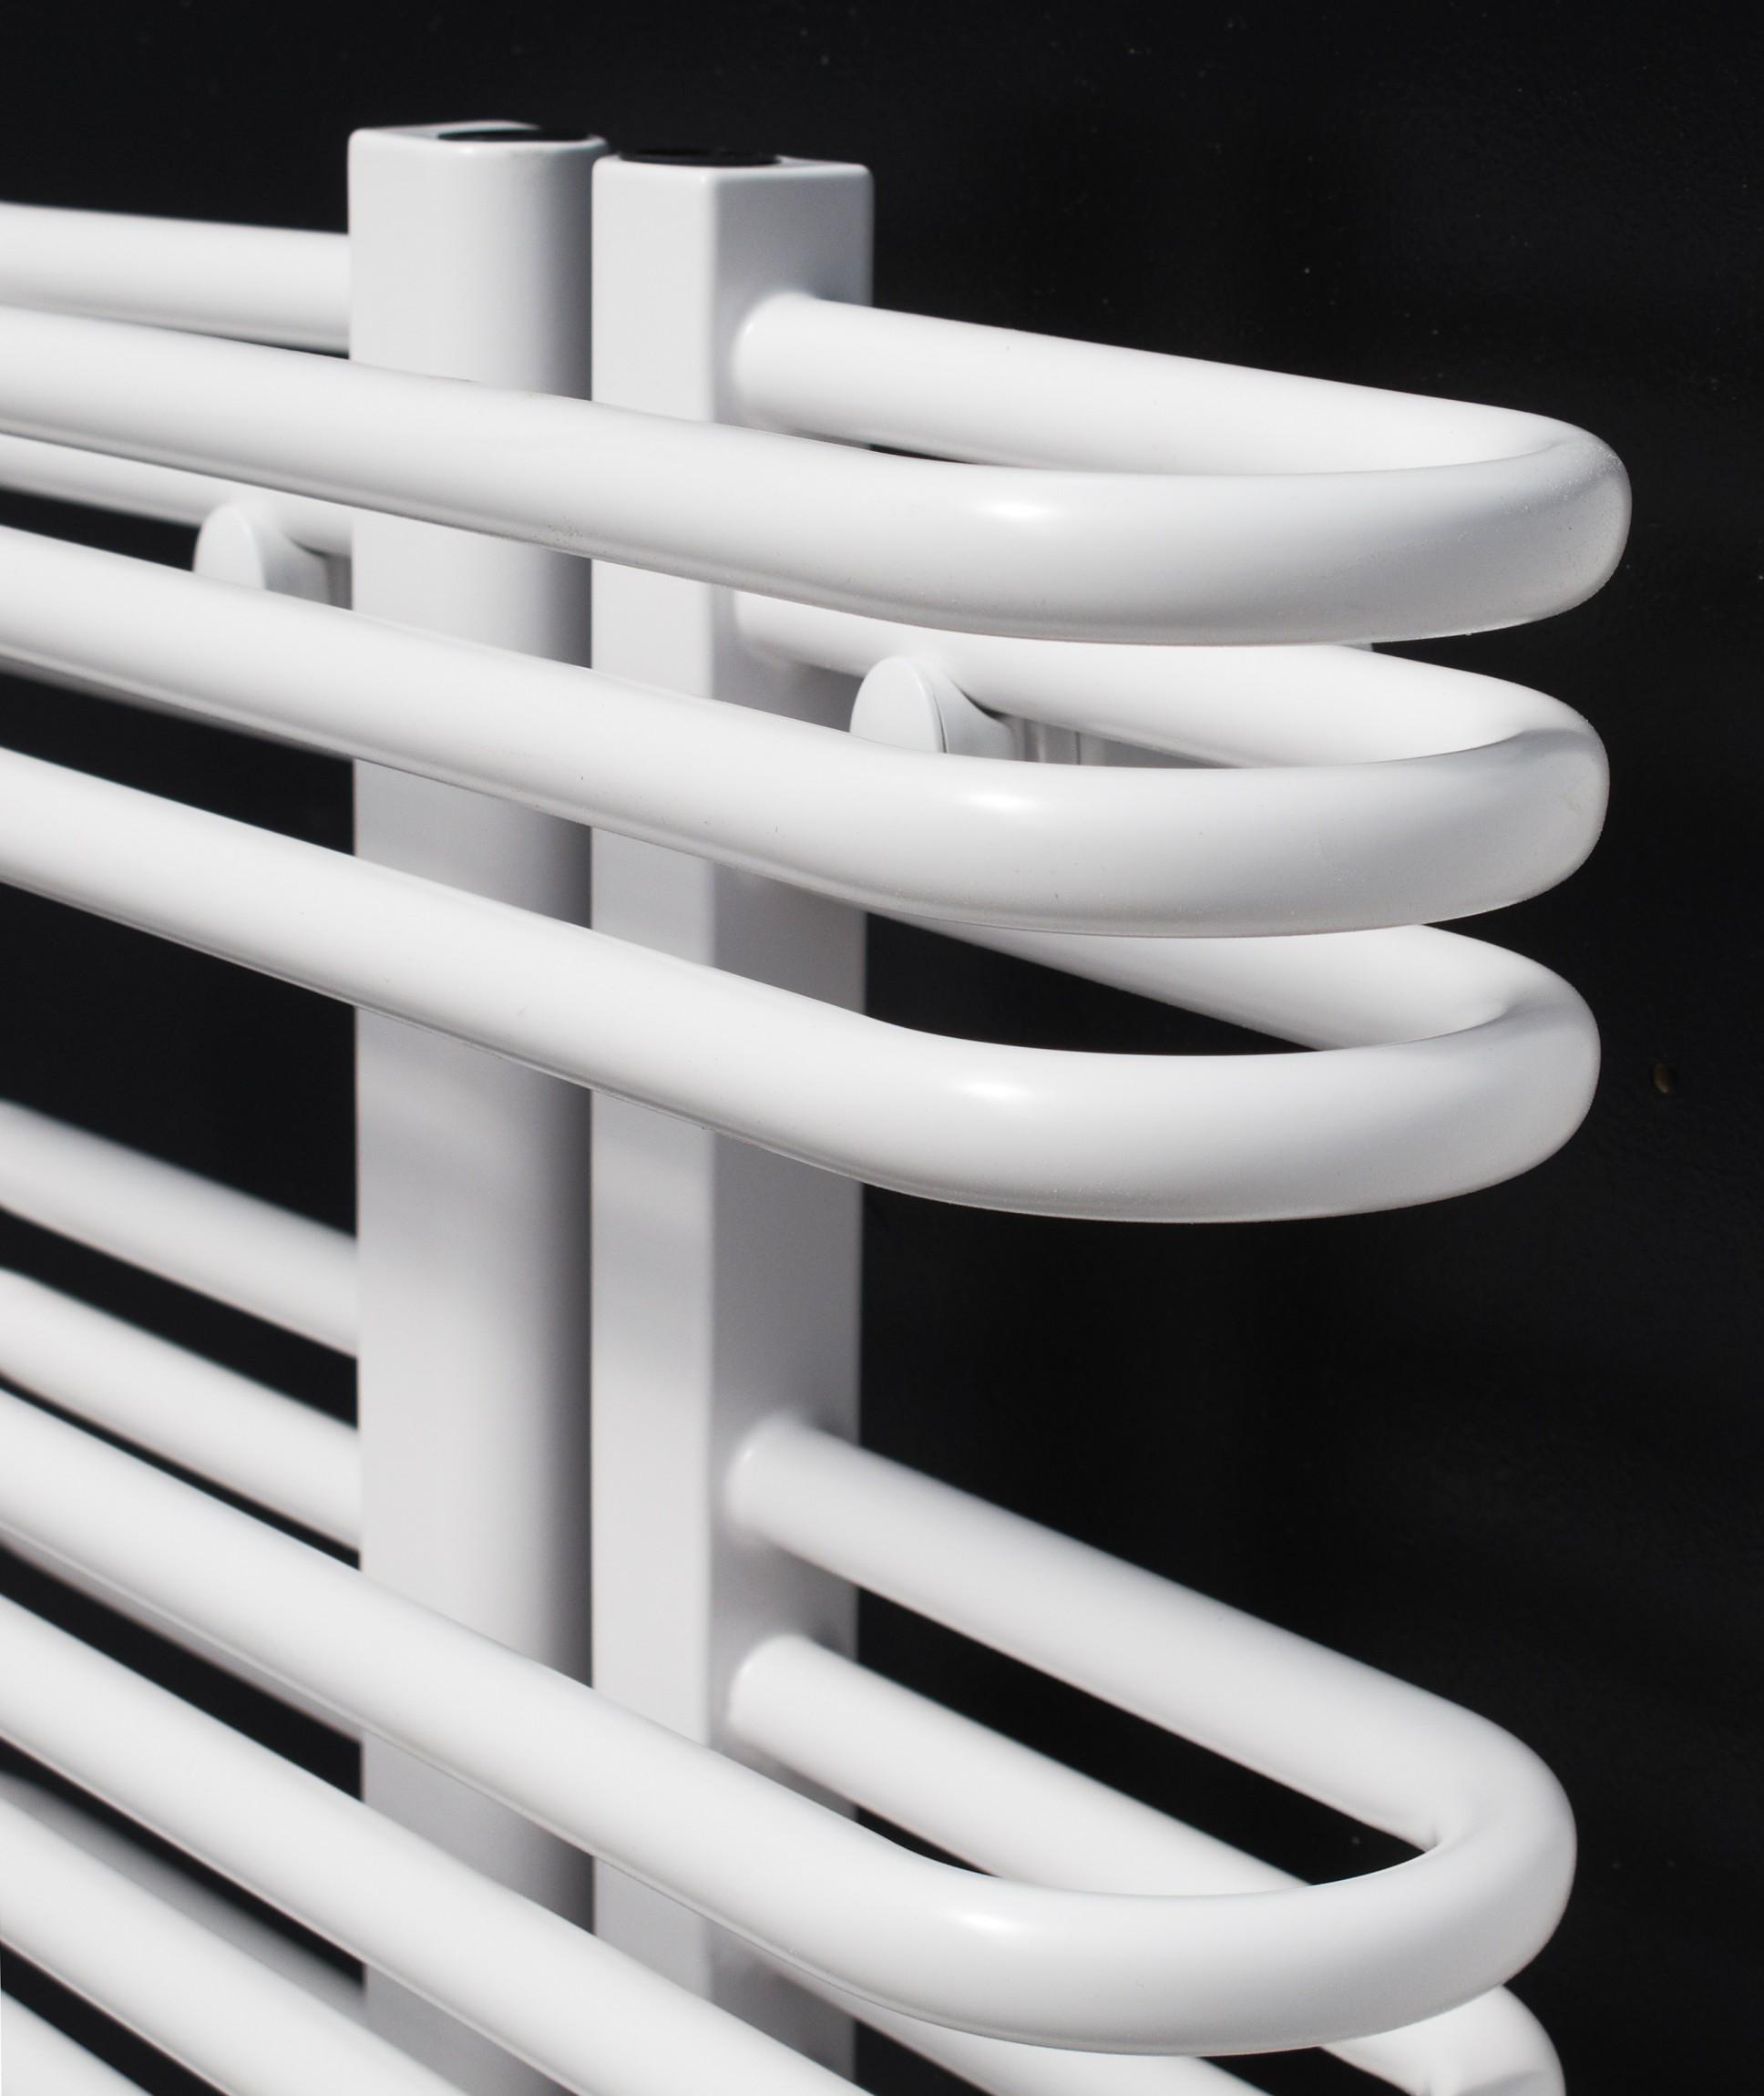 badheizk rper 1700 x 450 mm seitlich beidseitig offen. Black Bedroom Furniture Sets. Home Design Ideas